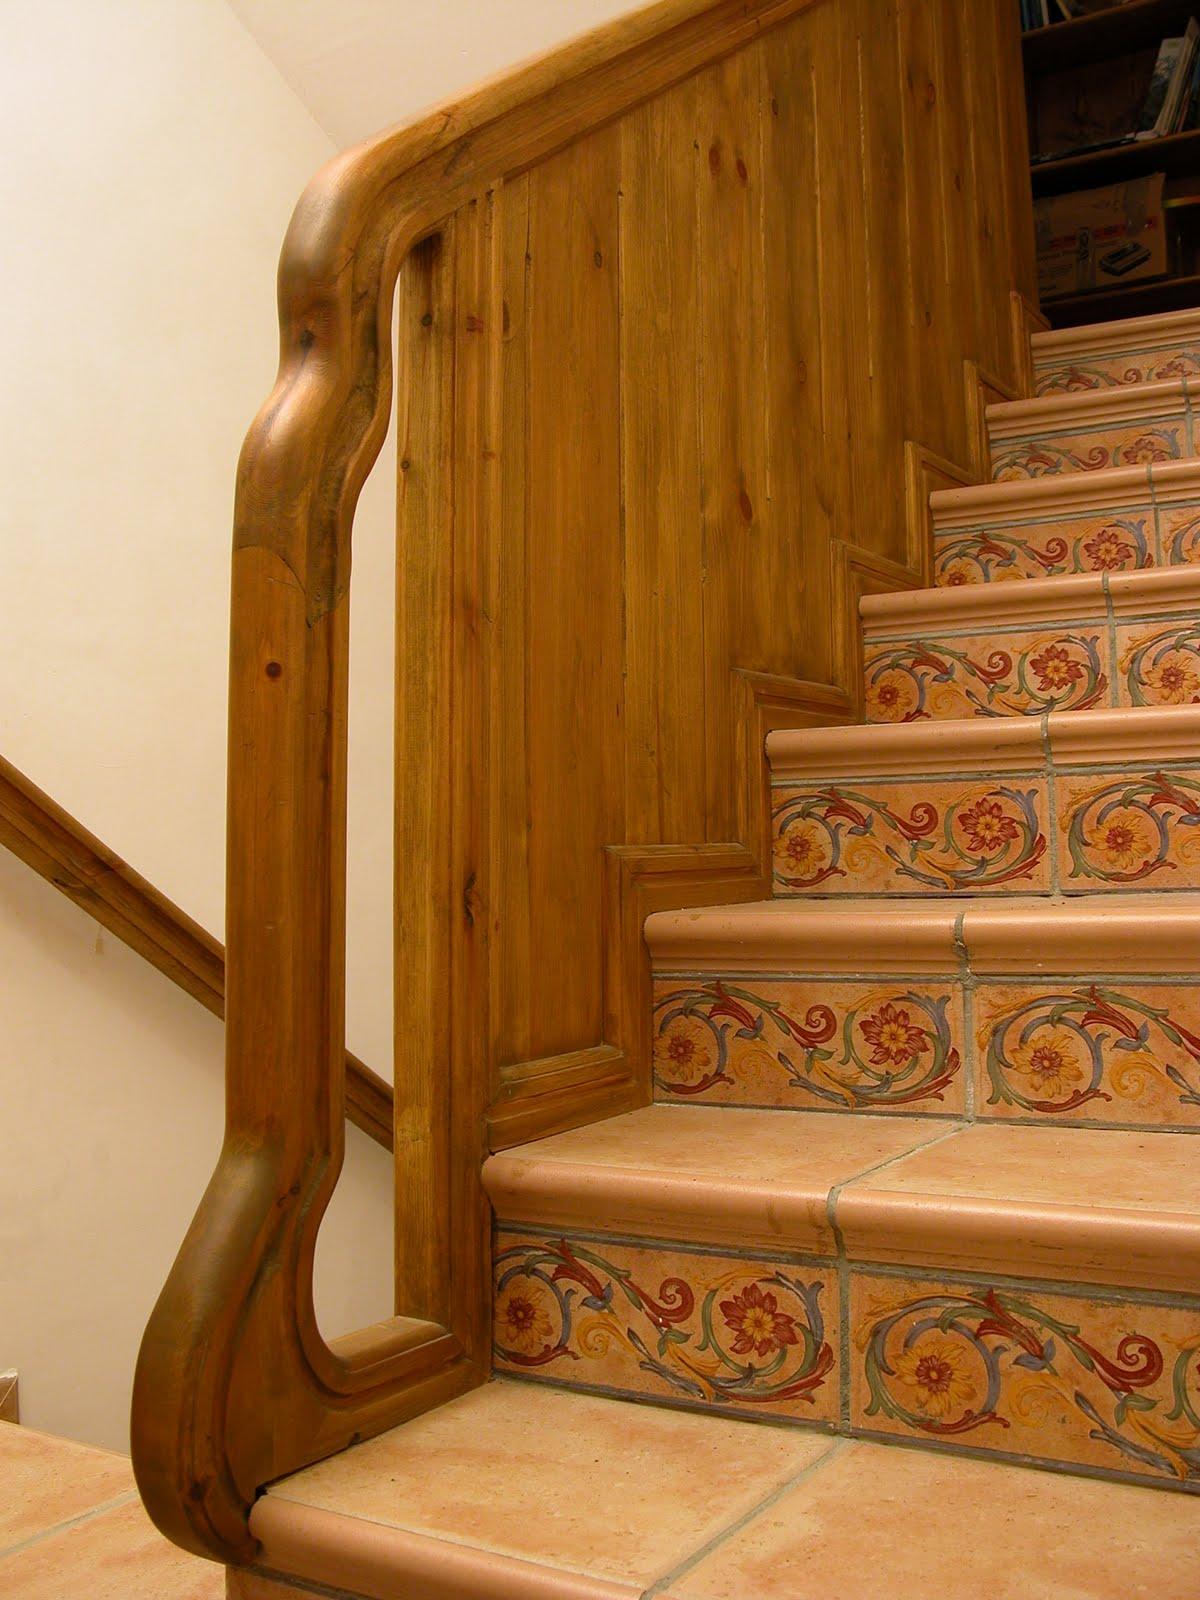 Miguel sevil carpintero escaleras y barandillas - Escaleras y barandillas ...